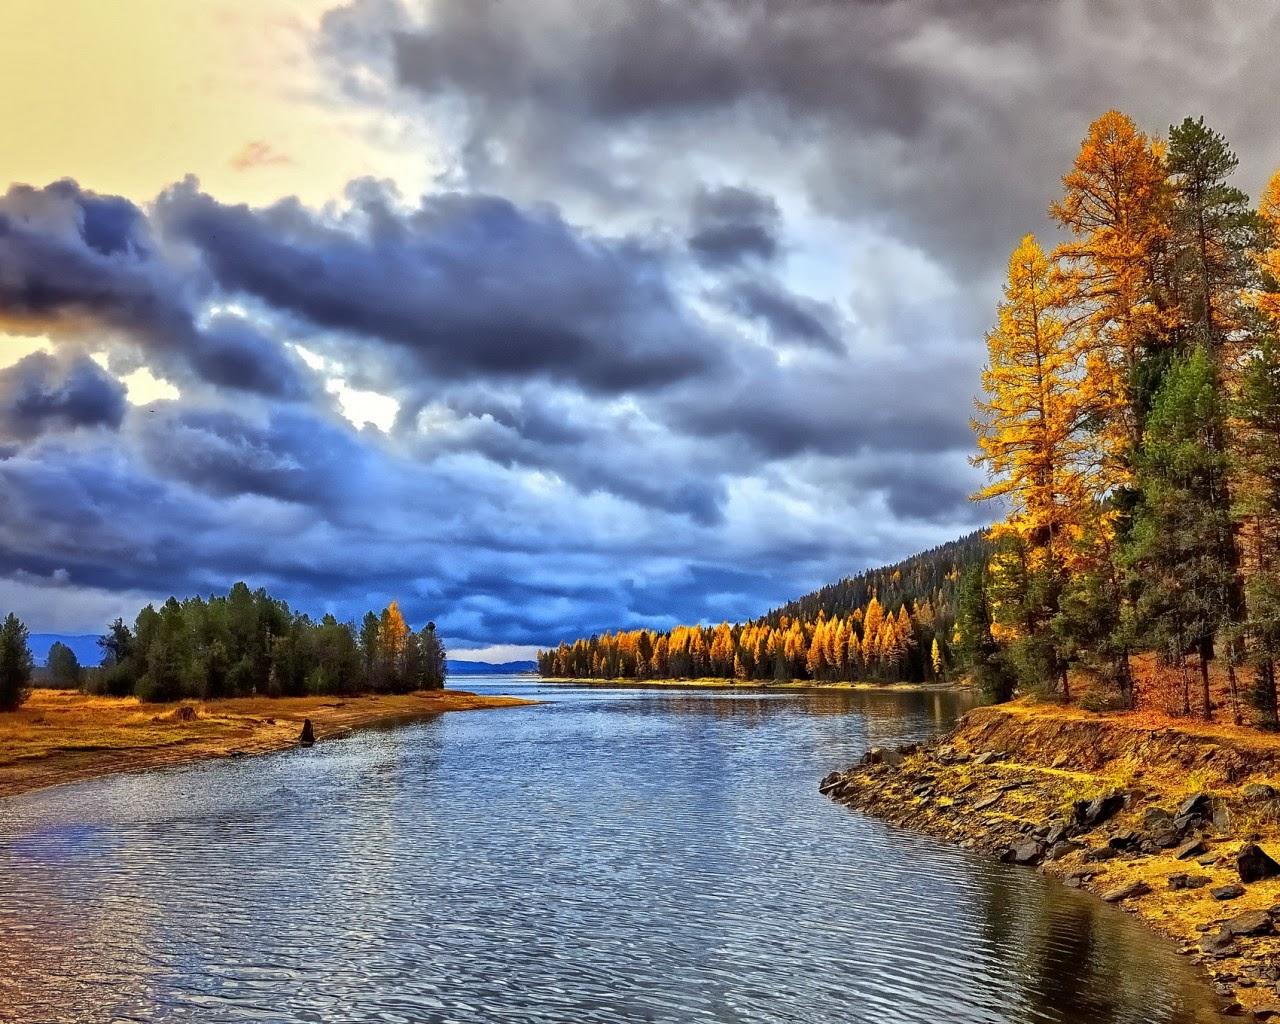 صورة مناظر طبيعيه روعه , اجمل صور مناظر طبيعيه خلابه